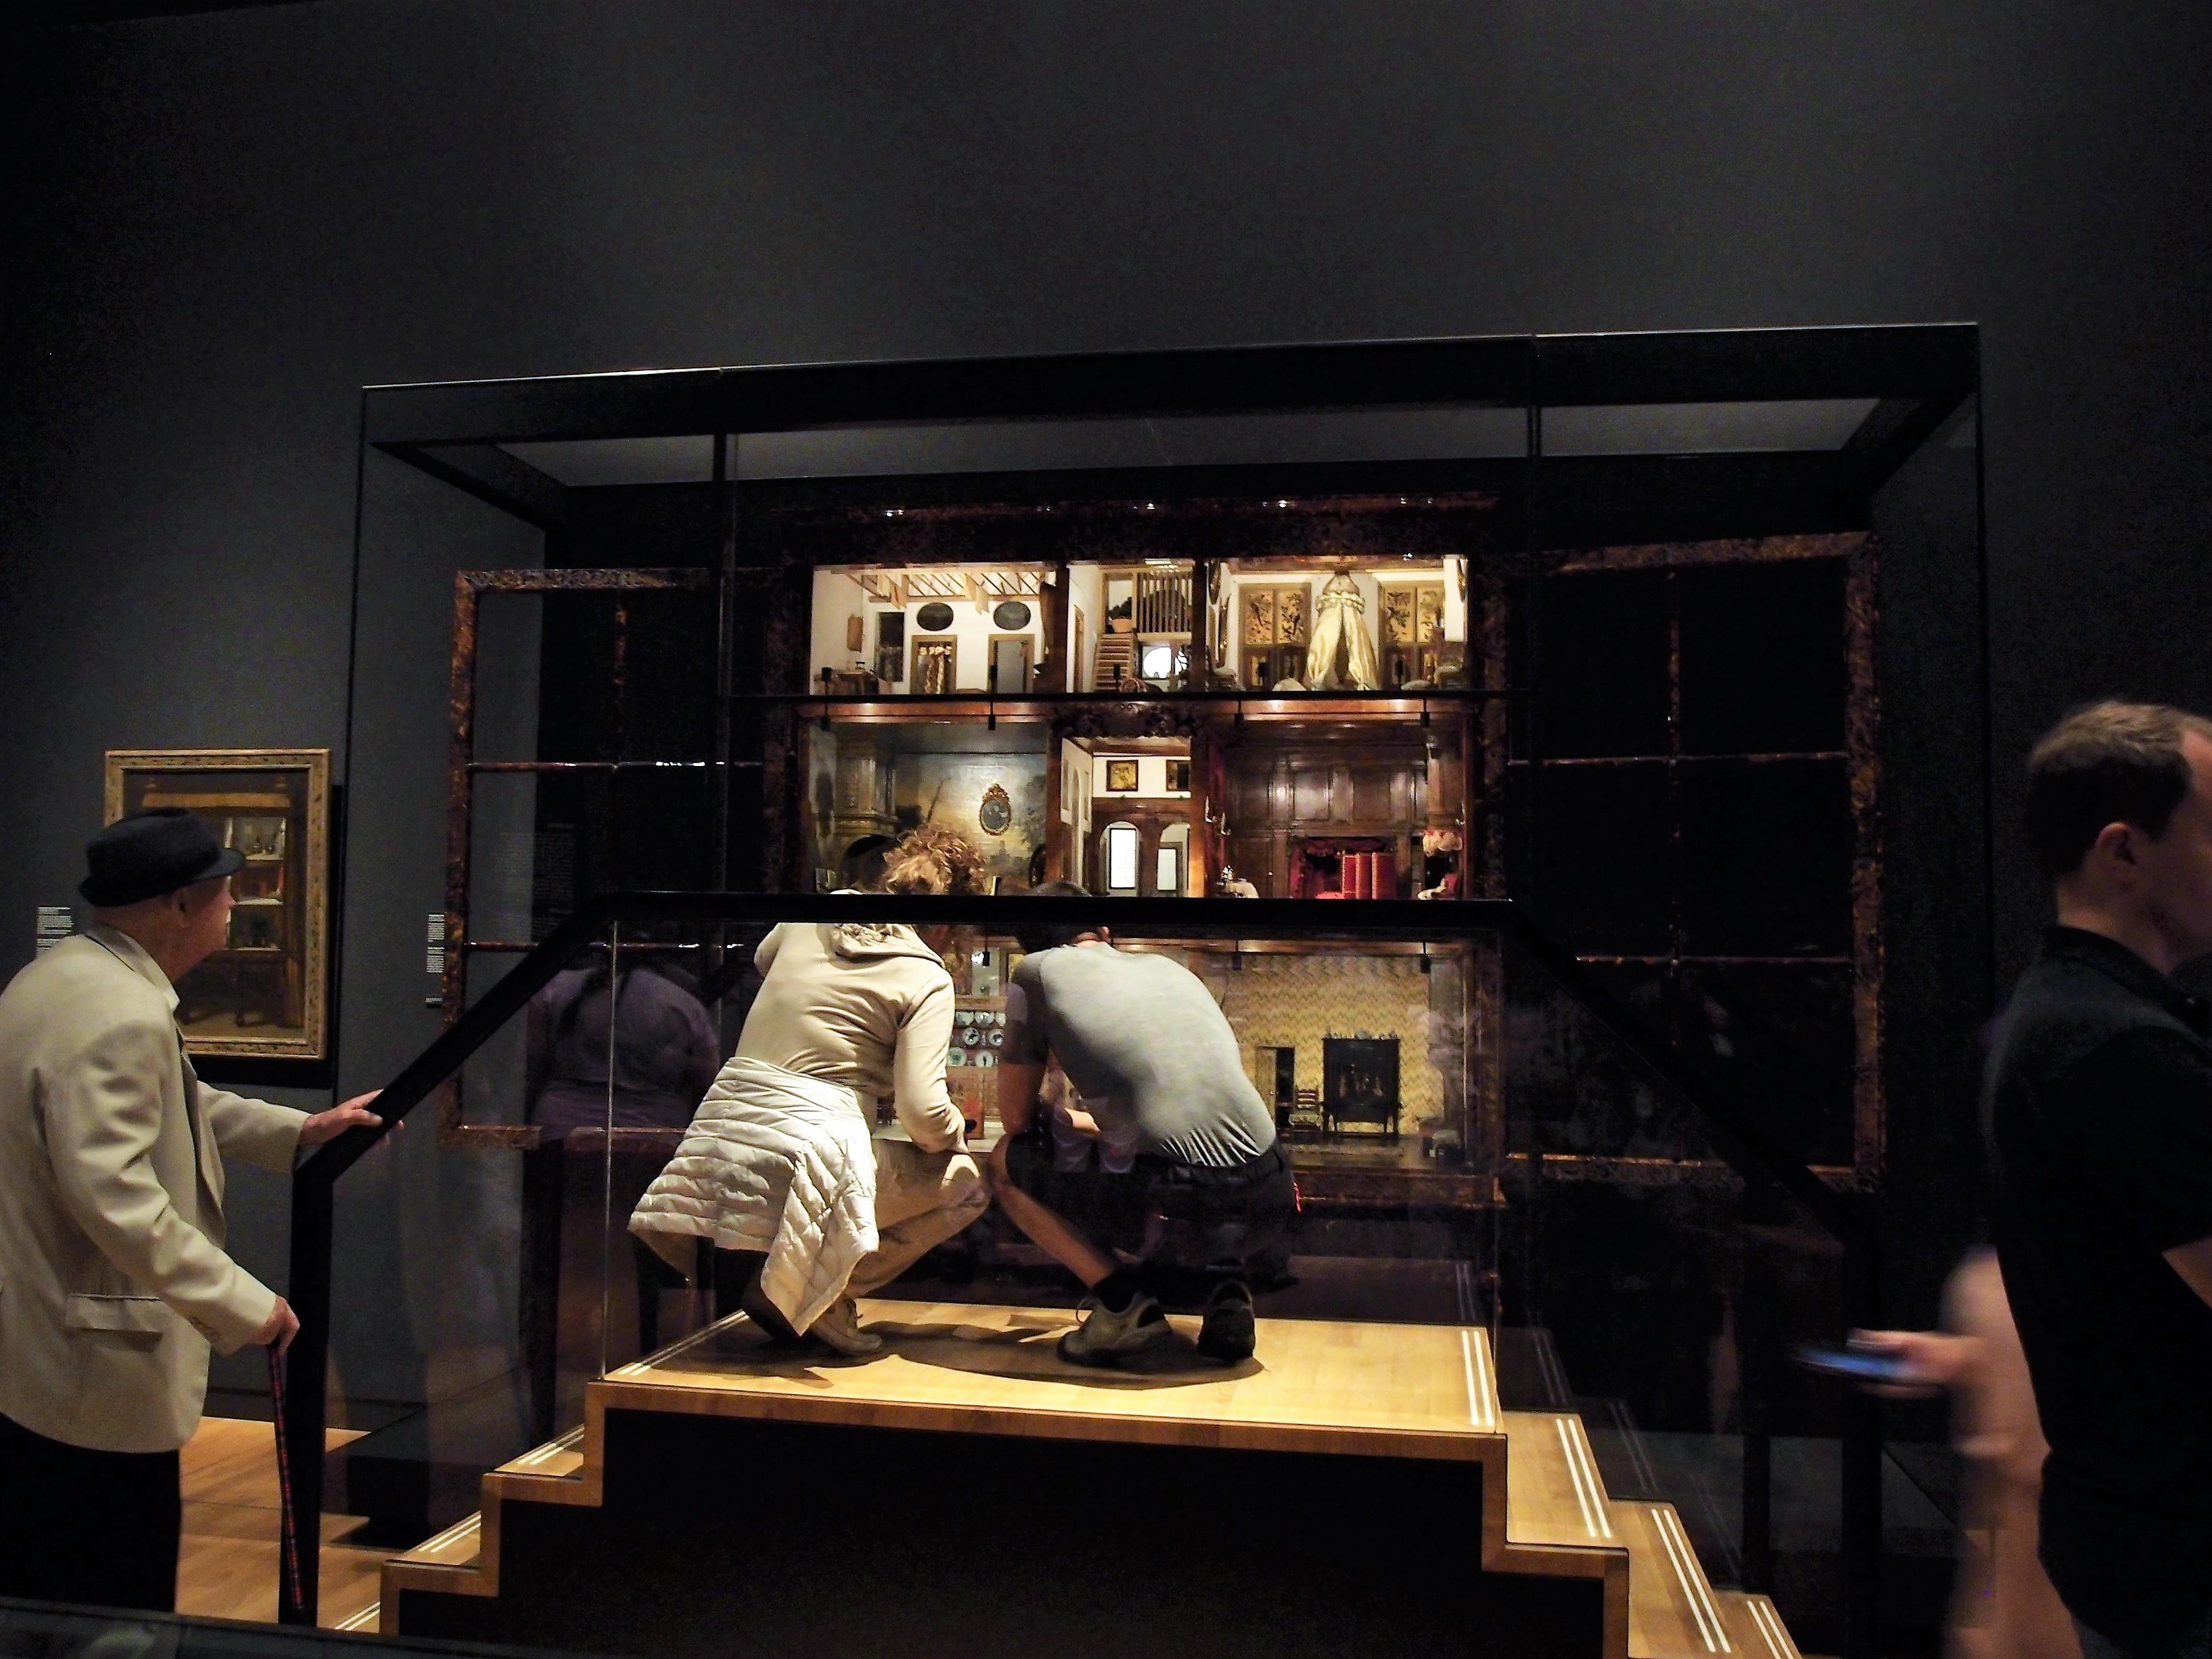 Top Piccola storia della casa delle bambole di Petronella - Antichità  FV57